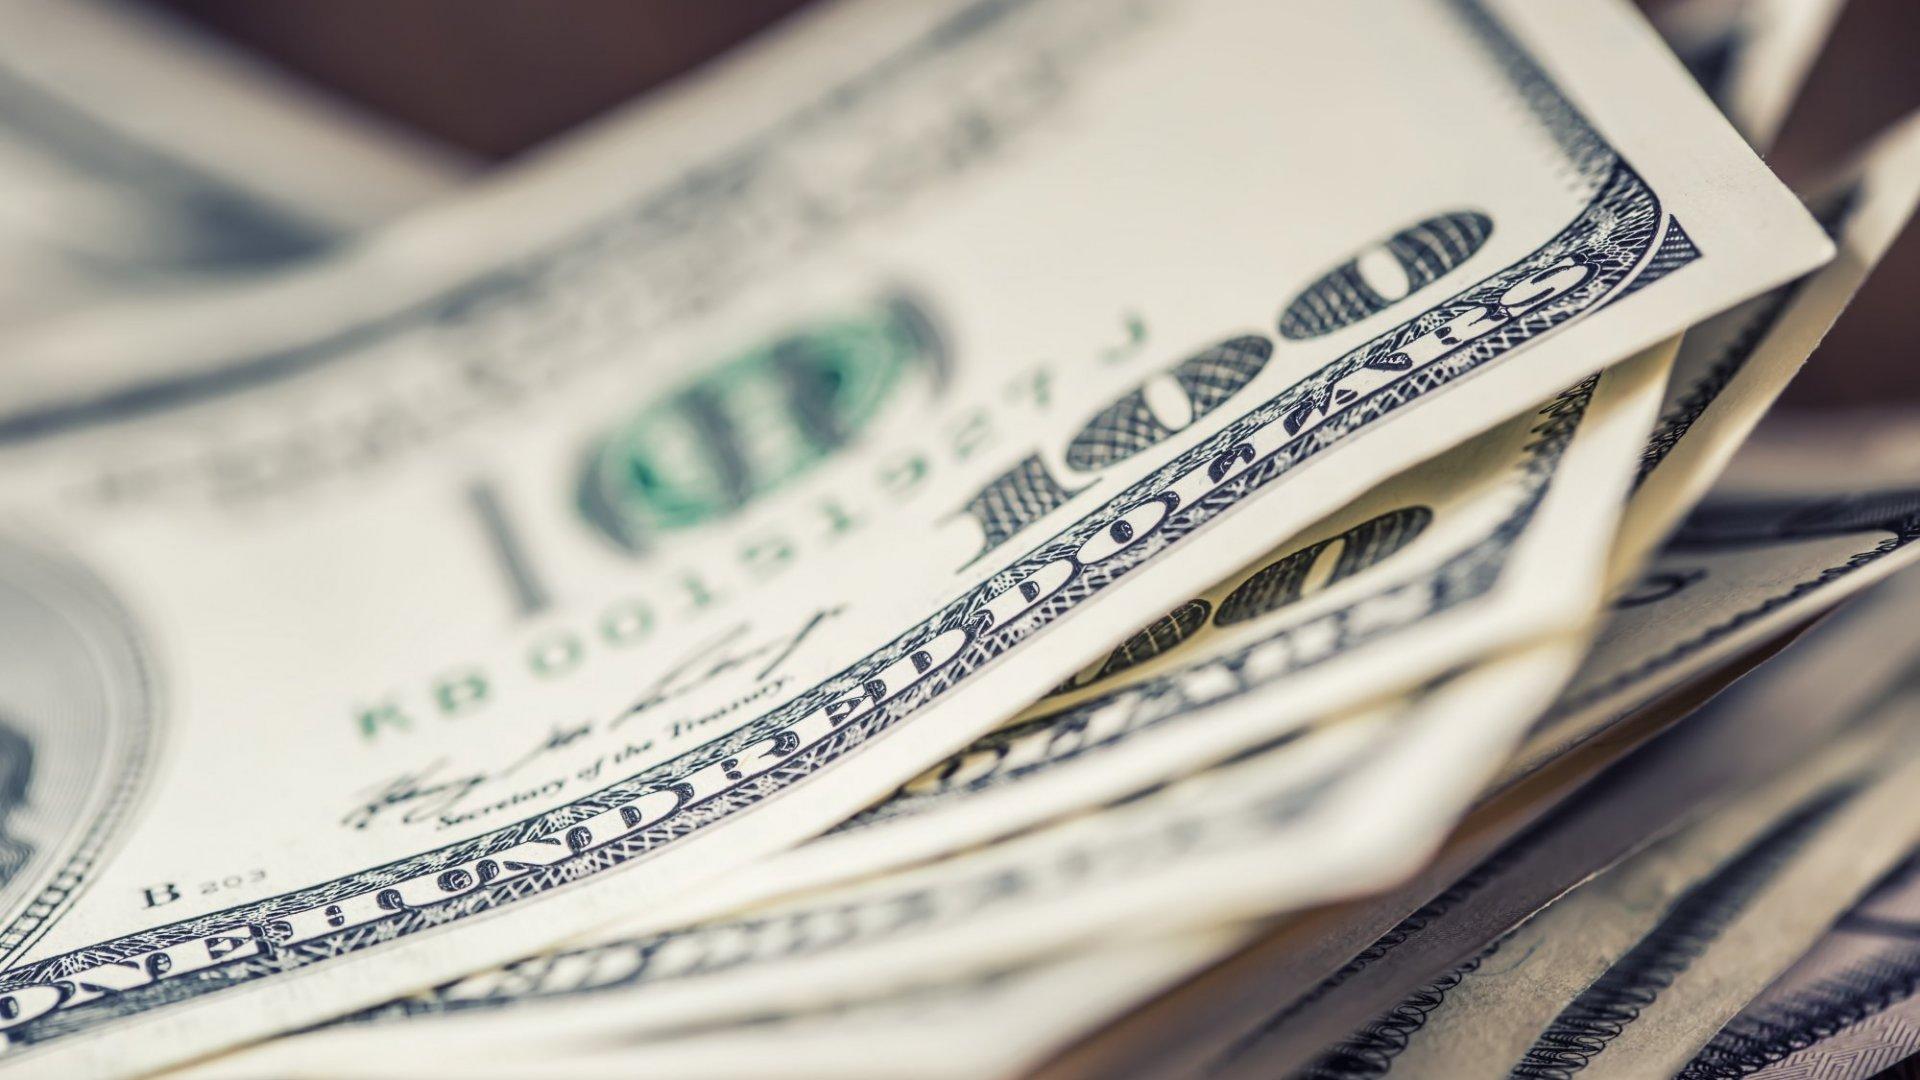 Are We Heading Towards a Cashless Economy?